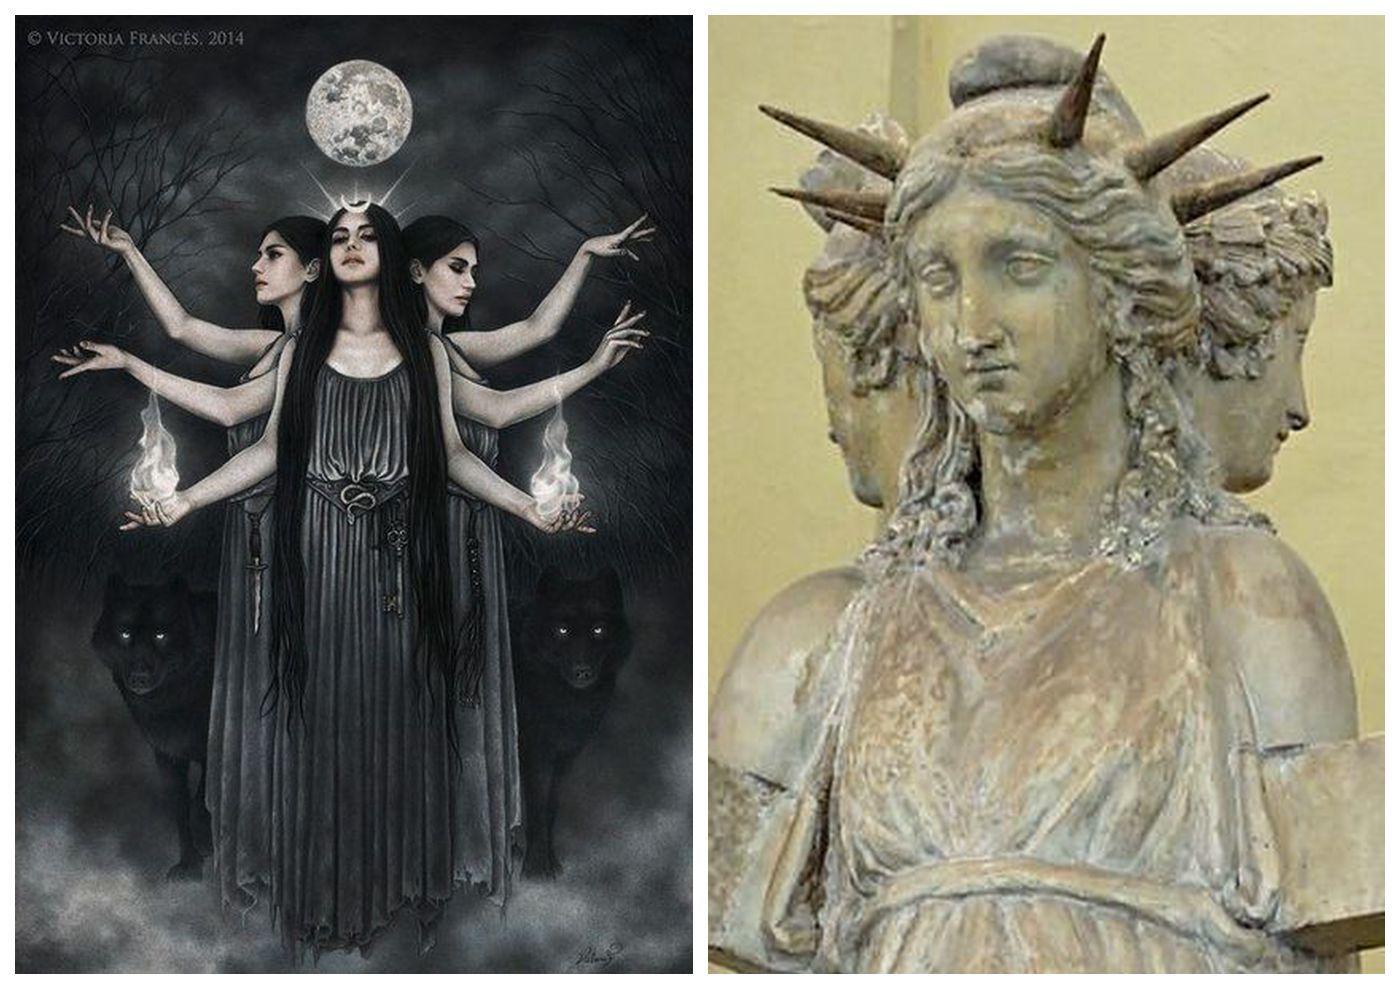 9 ФАКТОВ О ГЕКАТЕ 1. Богиня Геката входила в число важнейших божеств  древнего мира. Зародившись во тьме доисторических времен… | Эллинизм,  Богини, Доисторический